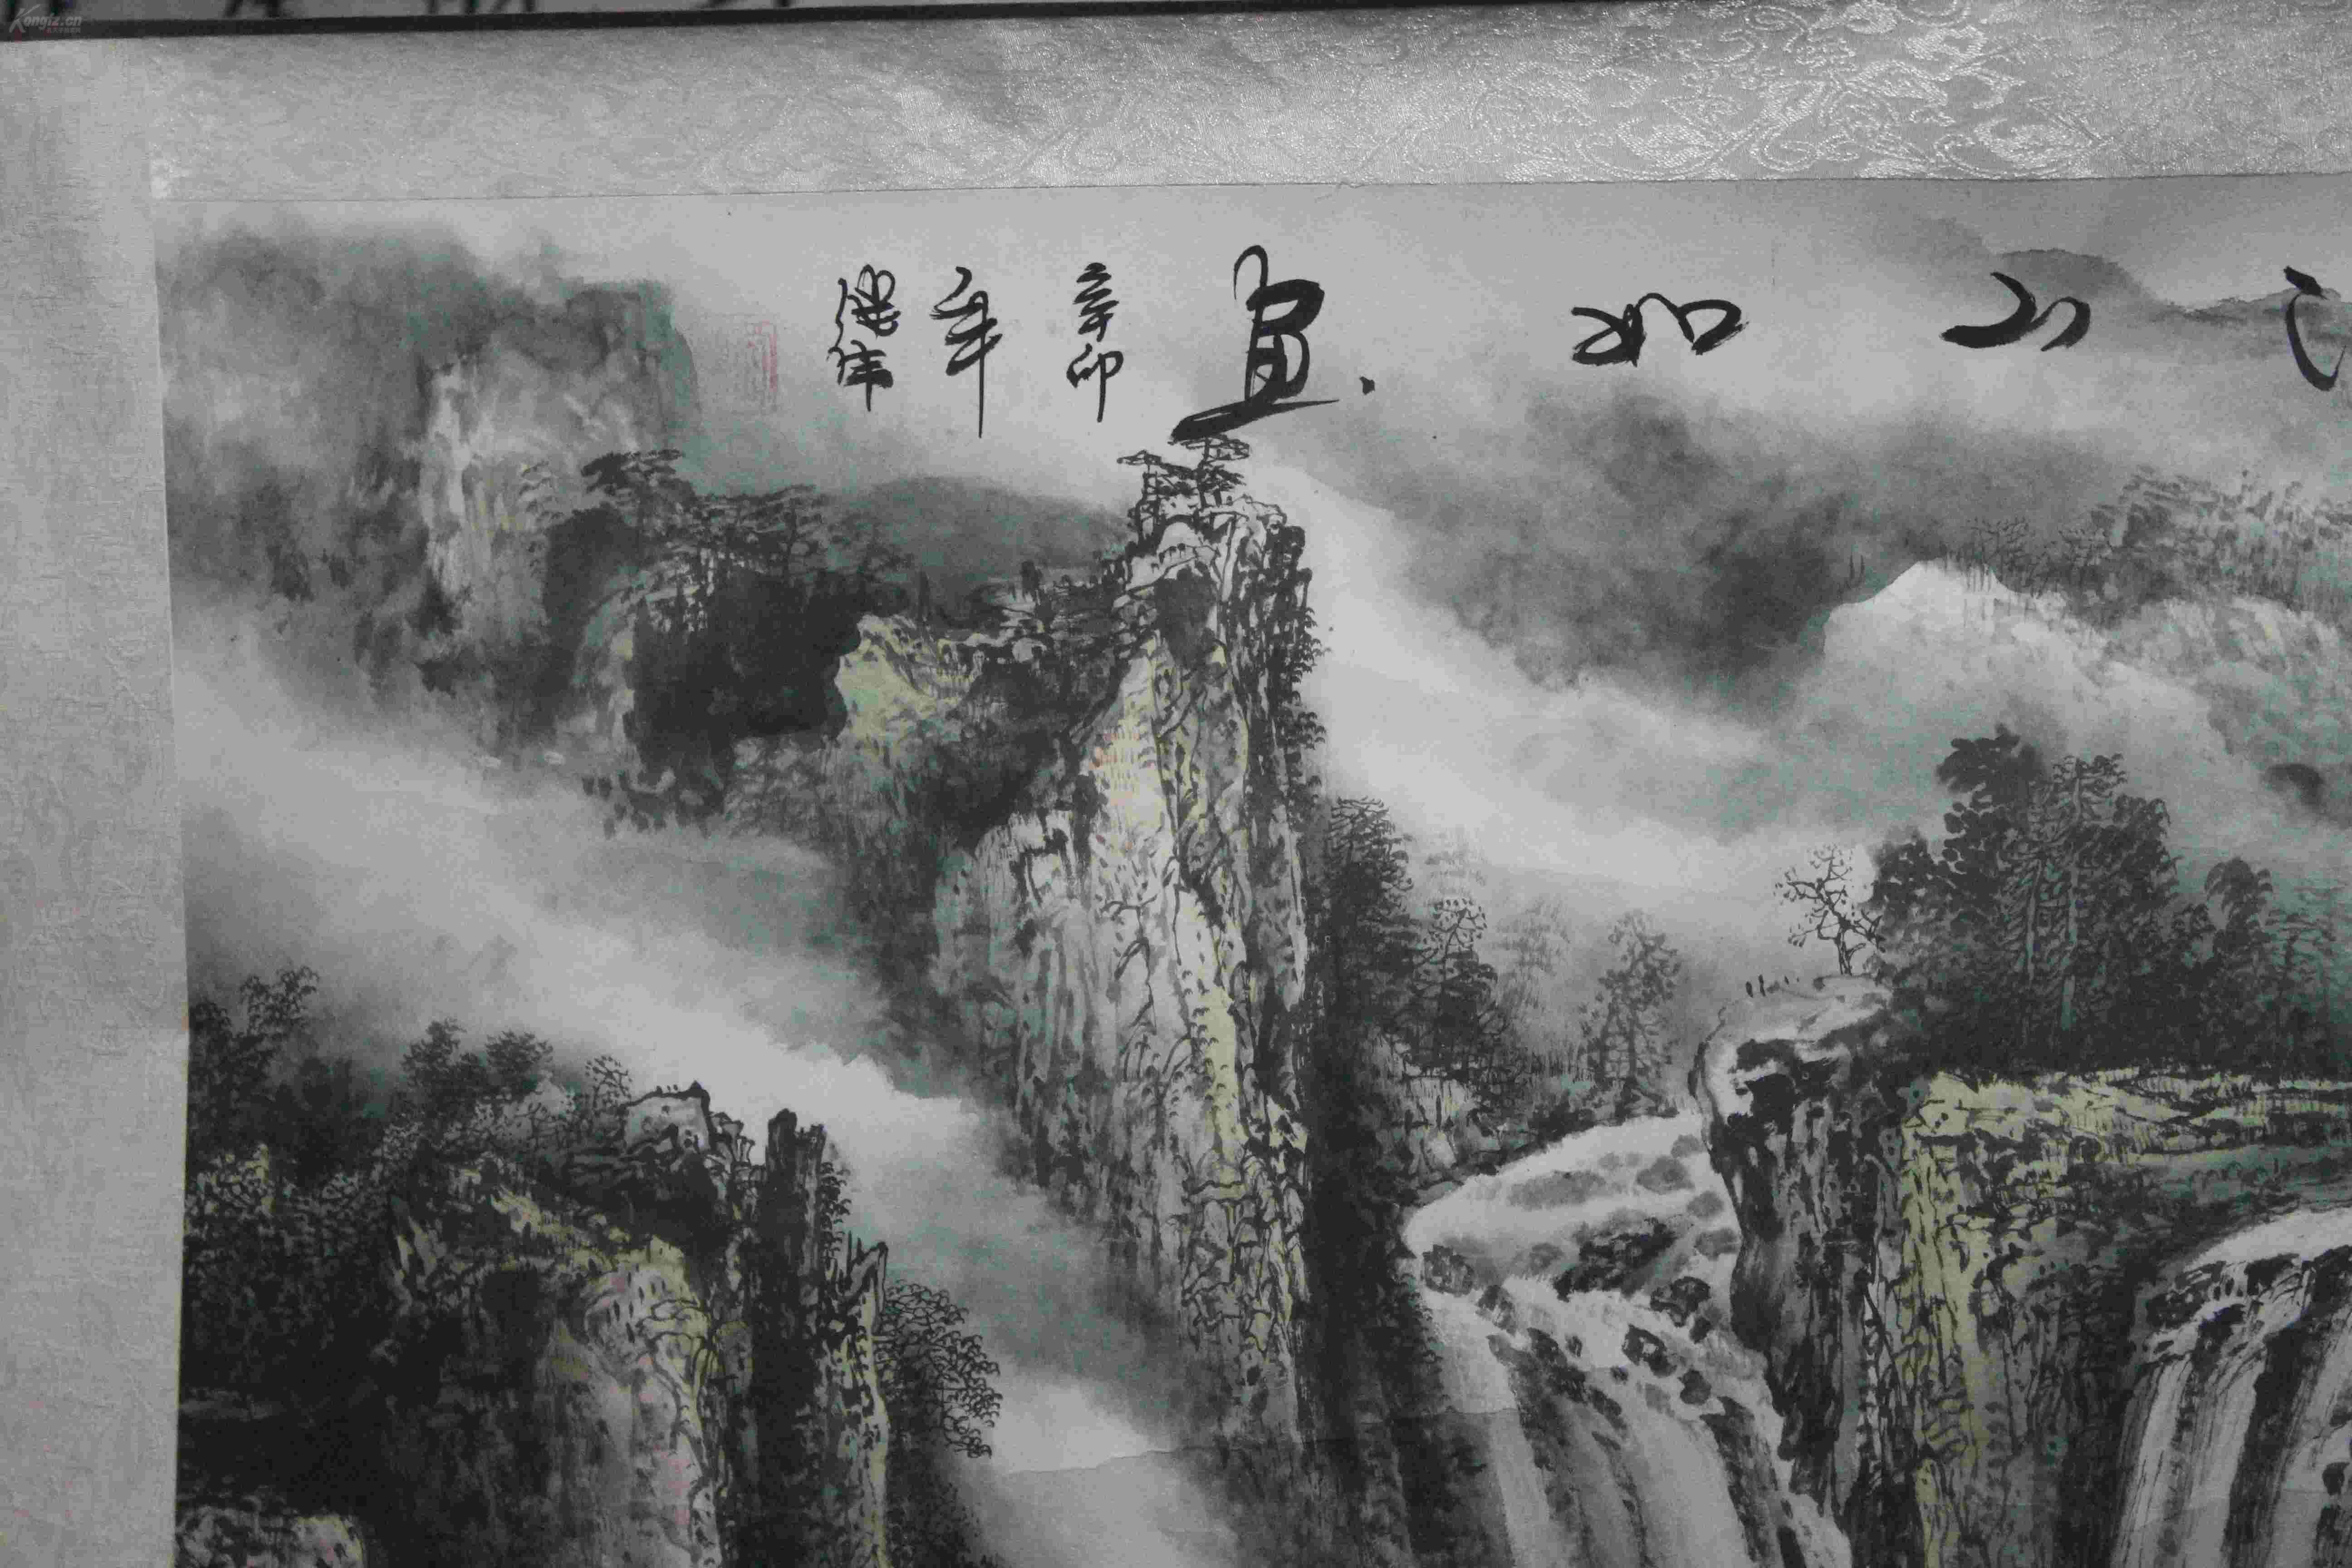 江山如画-我想把家中的照片加在外照的山水画上下载什么软件